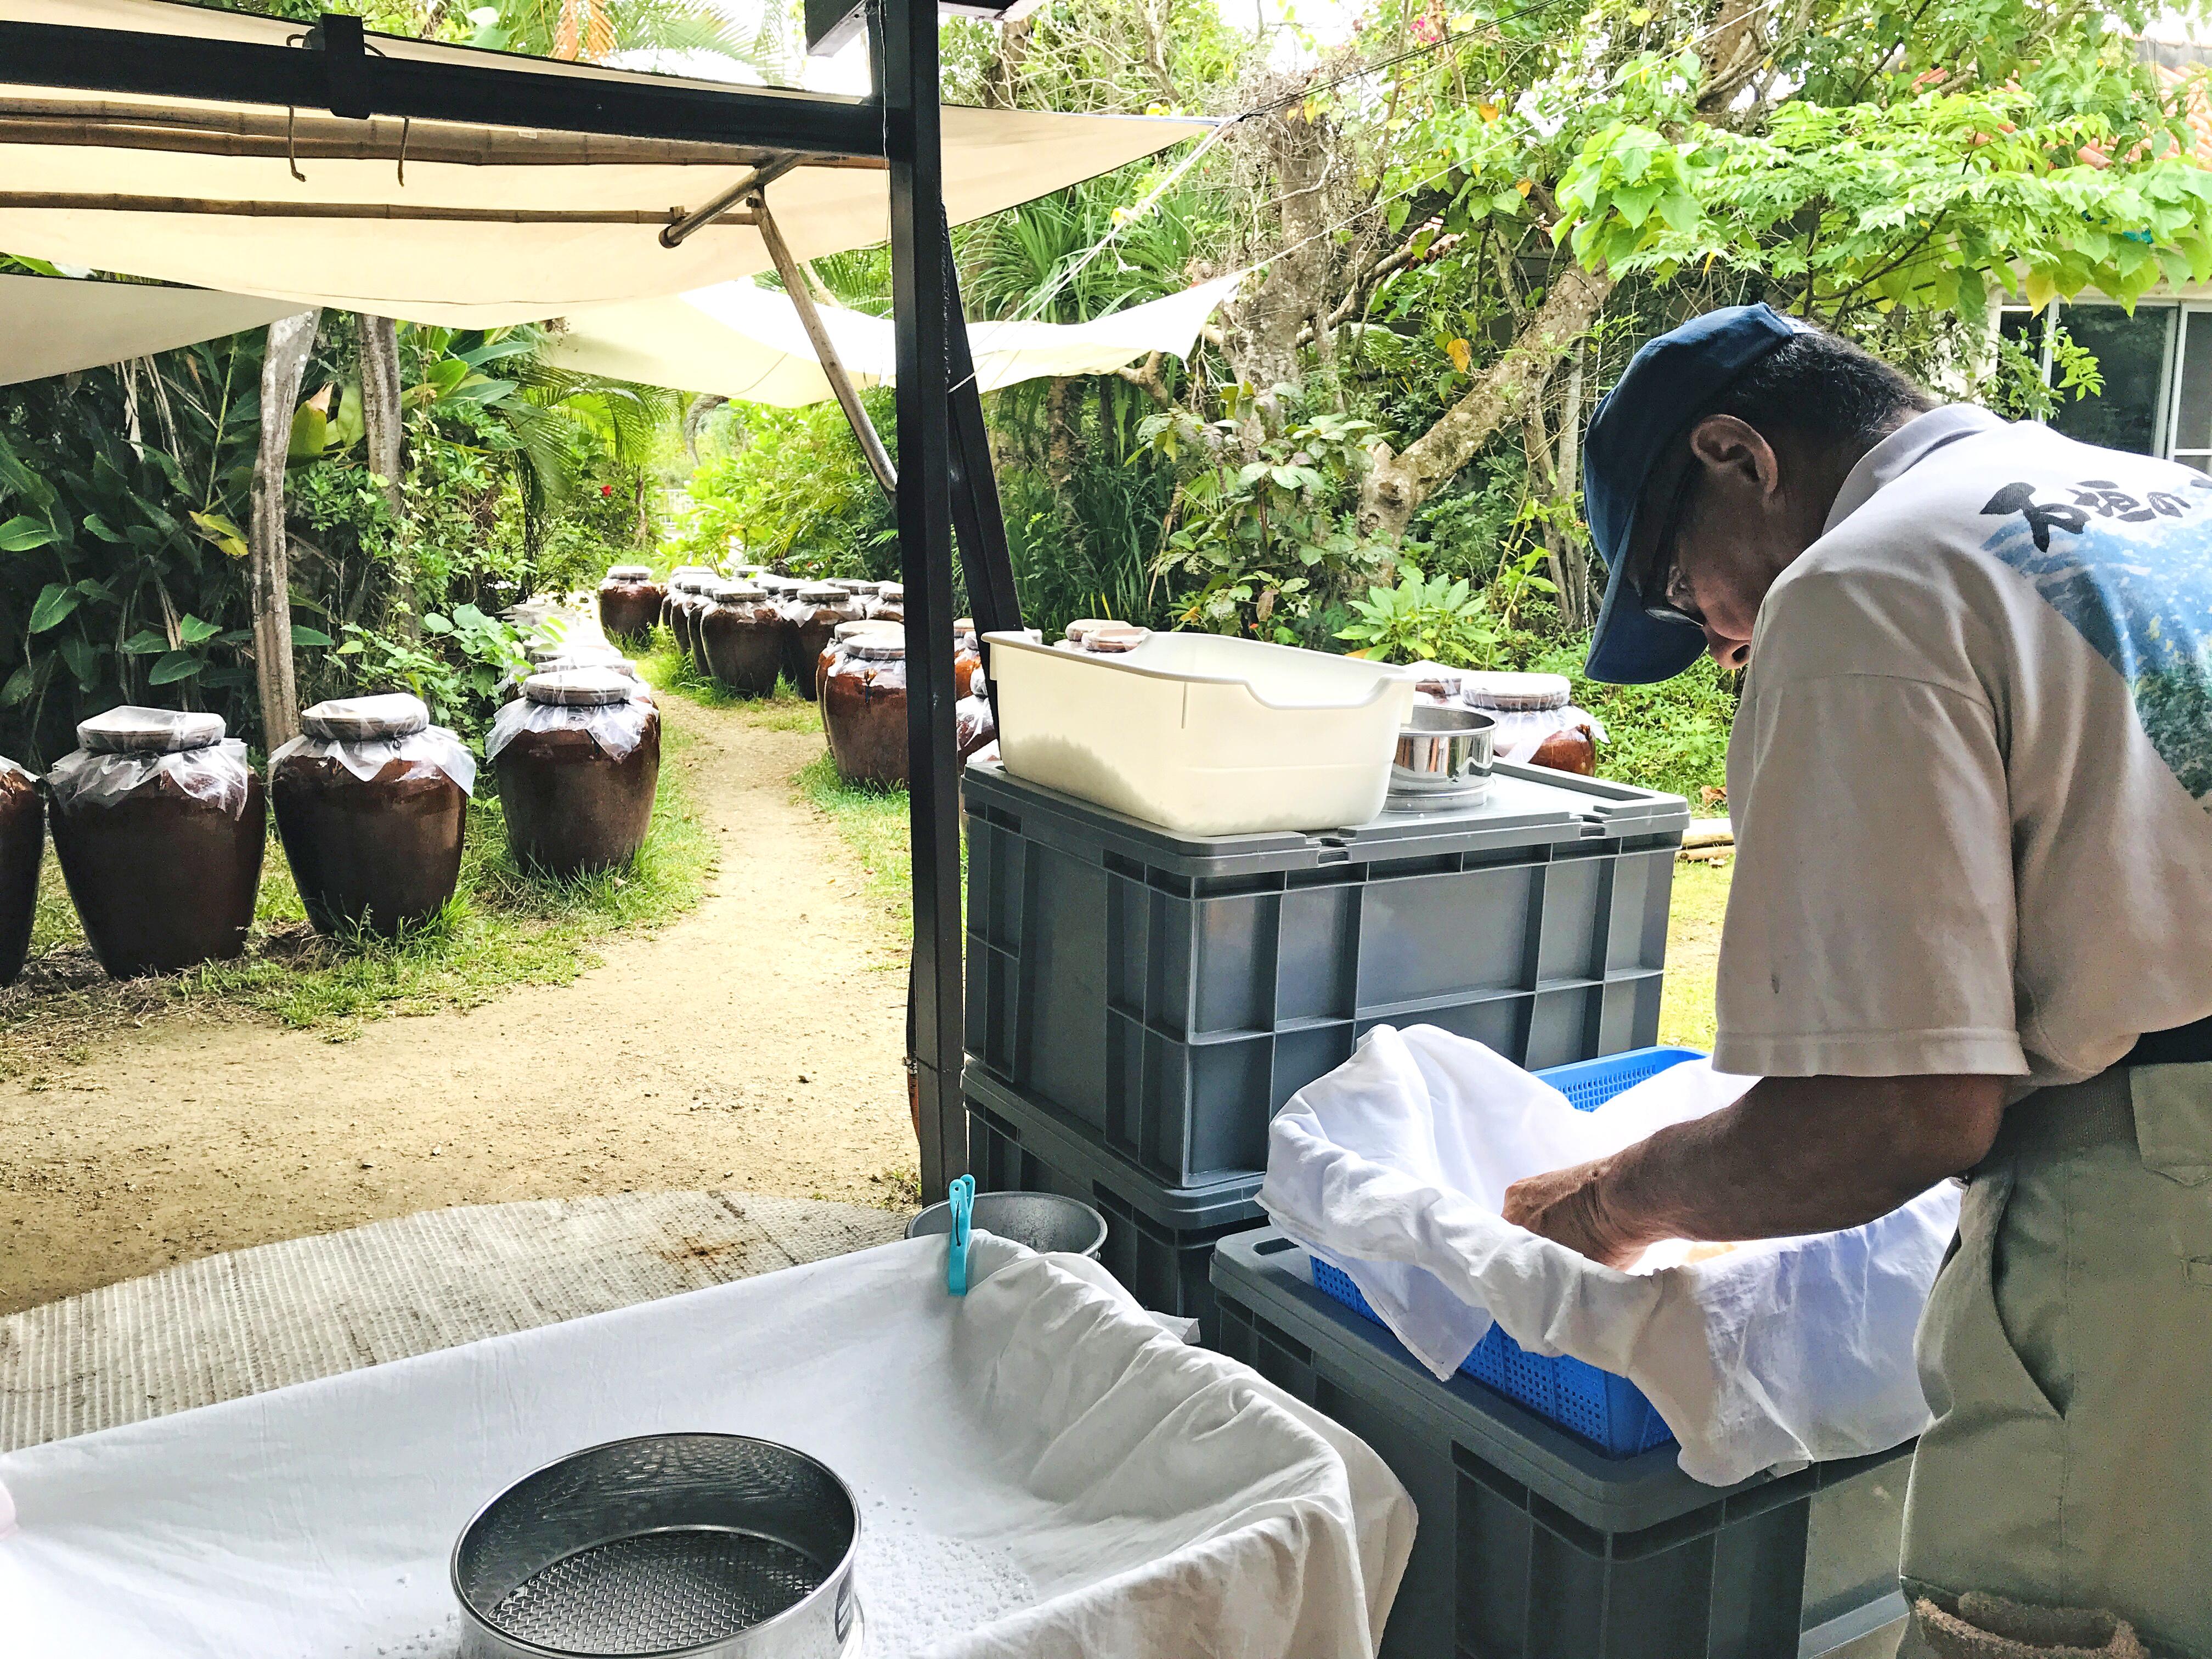 塩の結晶の大きさを手作業で選別する職人。天気の良い日は作業風景が見られる(9:30〜14:00頃)